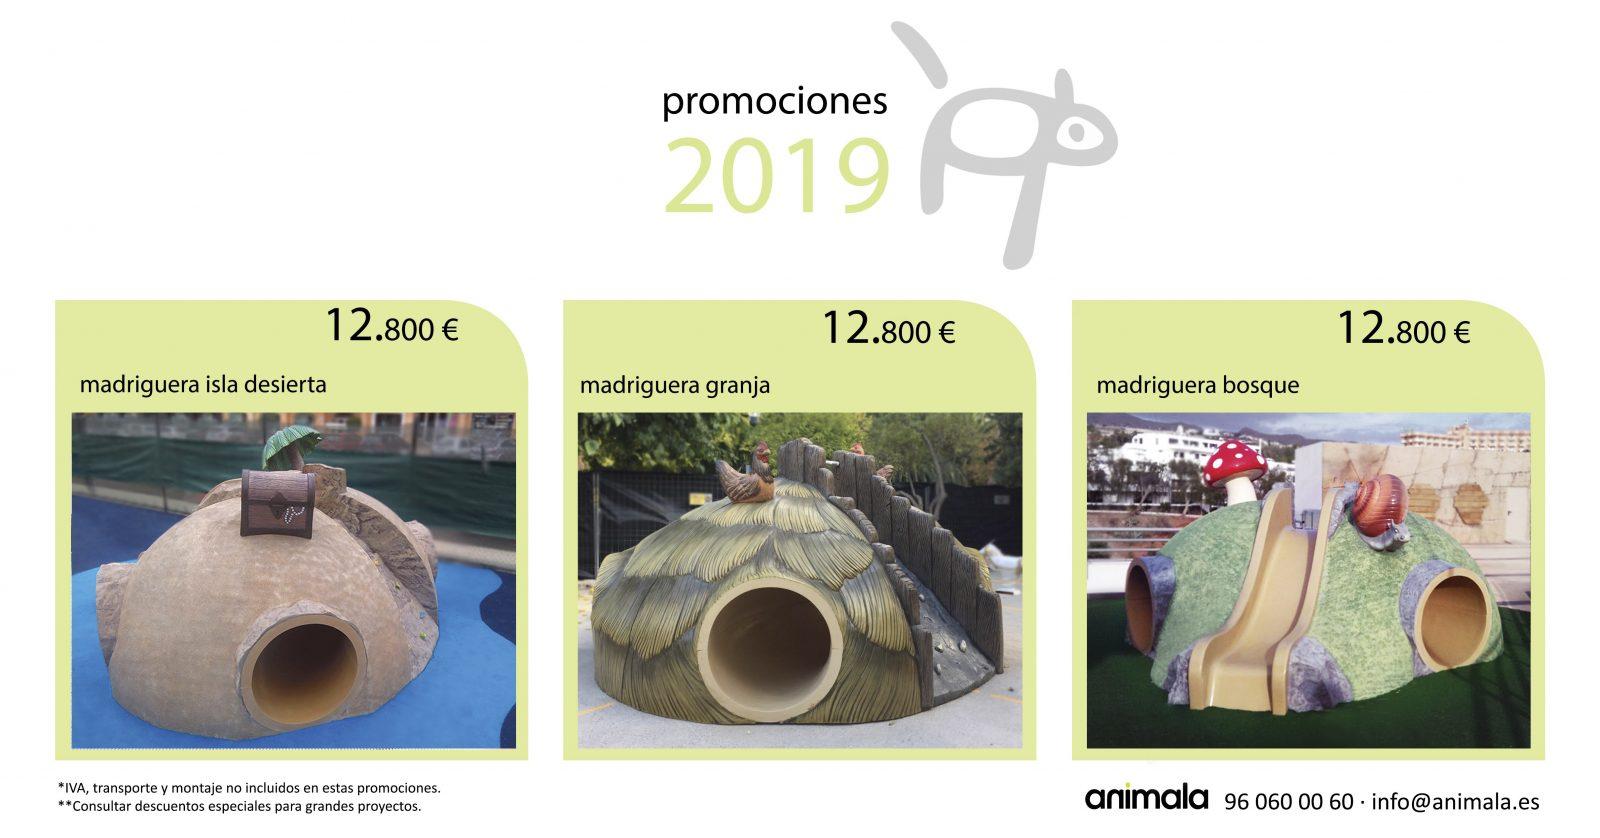 promociones madrigueras temáticas